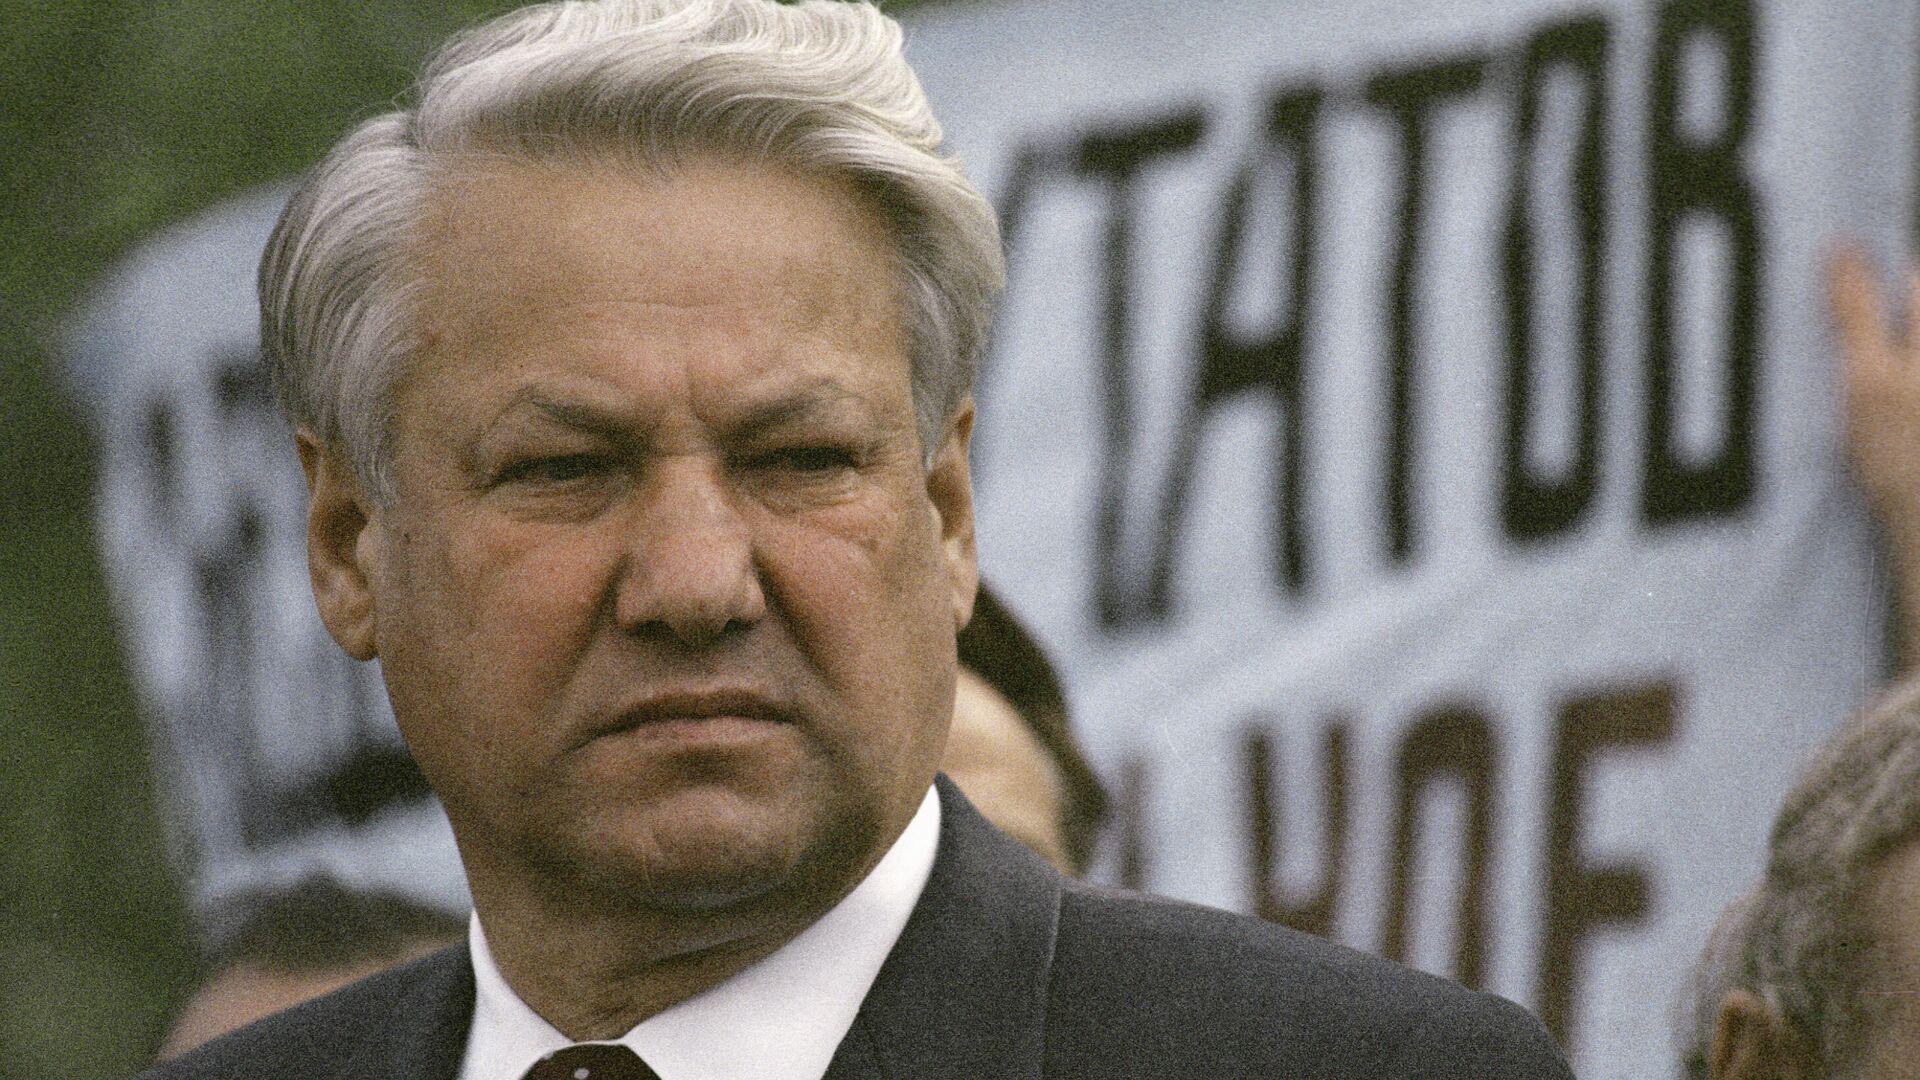 Политтехнолог Павловский рассказал о победе Ельцина в 1996 году